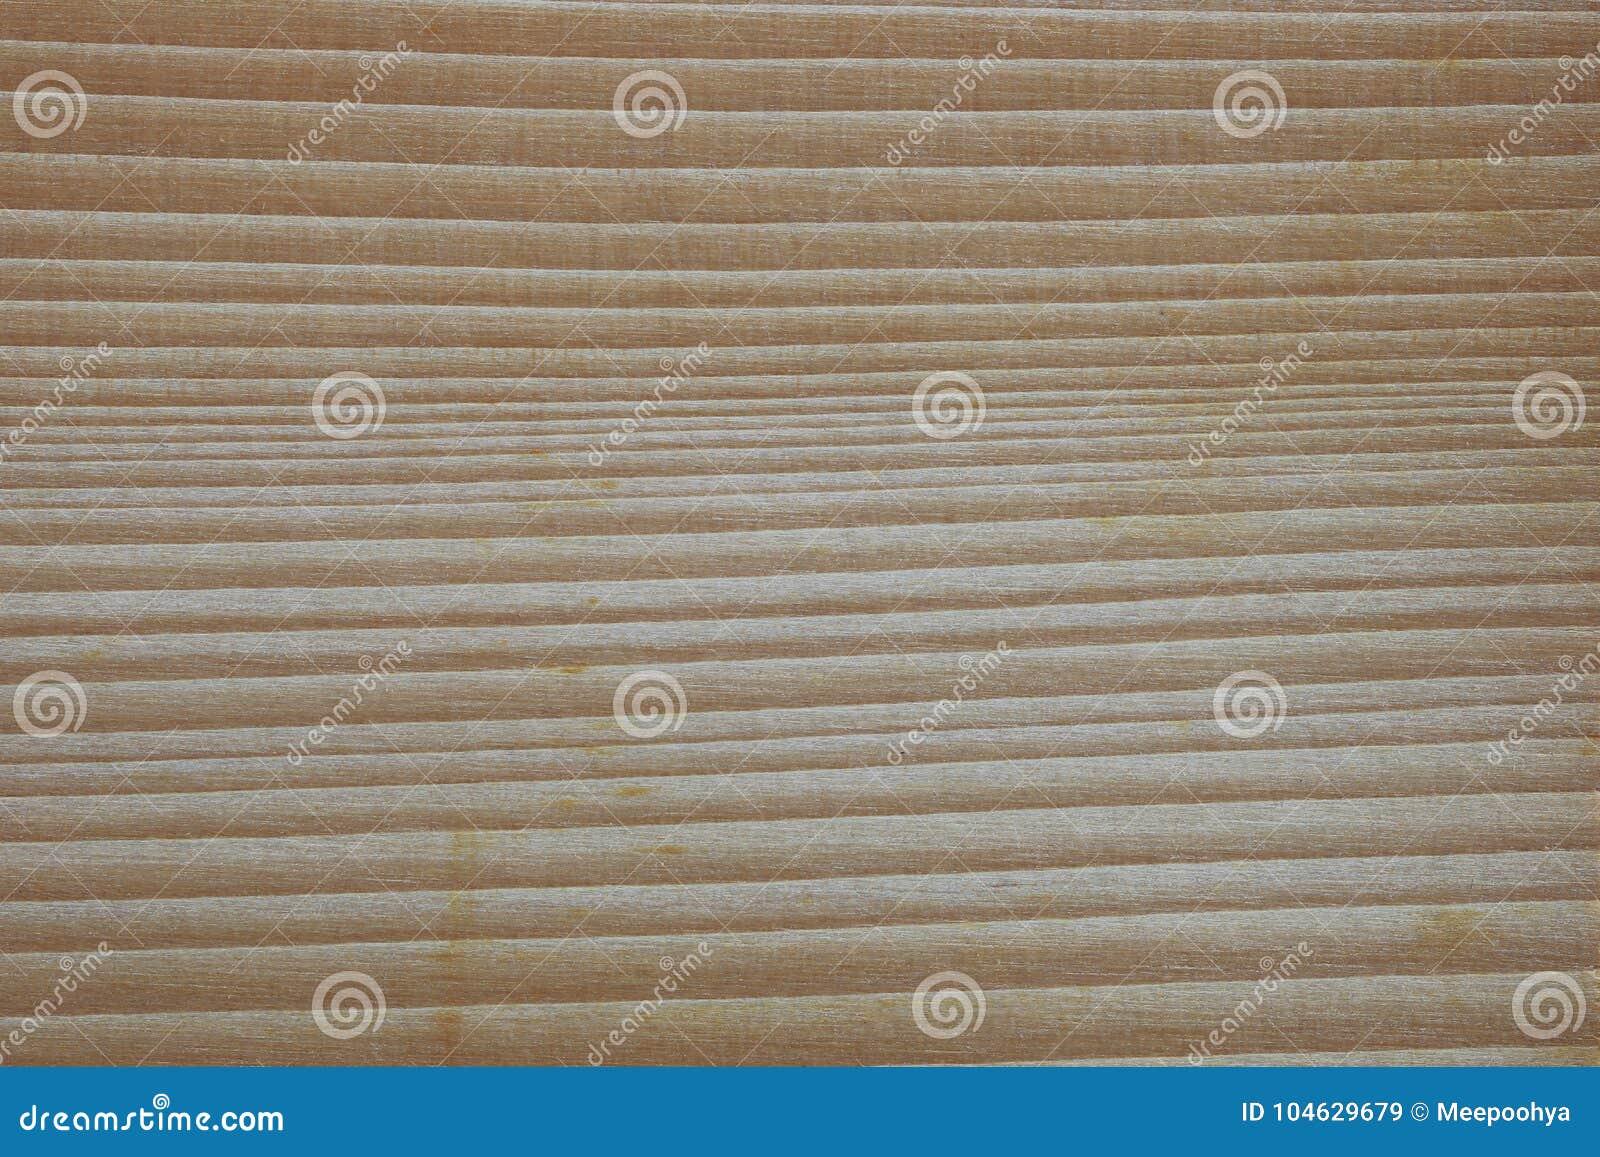 Download Oude bruine houten textuur stock afbeelding. Afbeelding bestaande uit textuur - 104629679